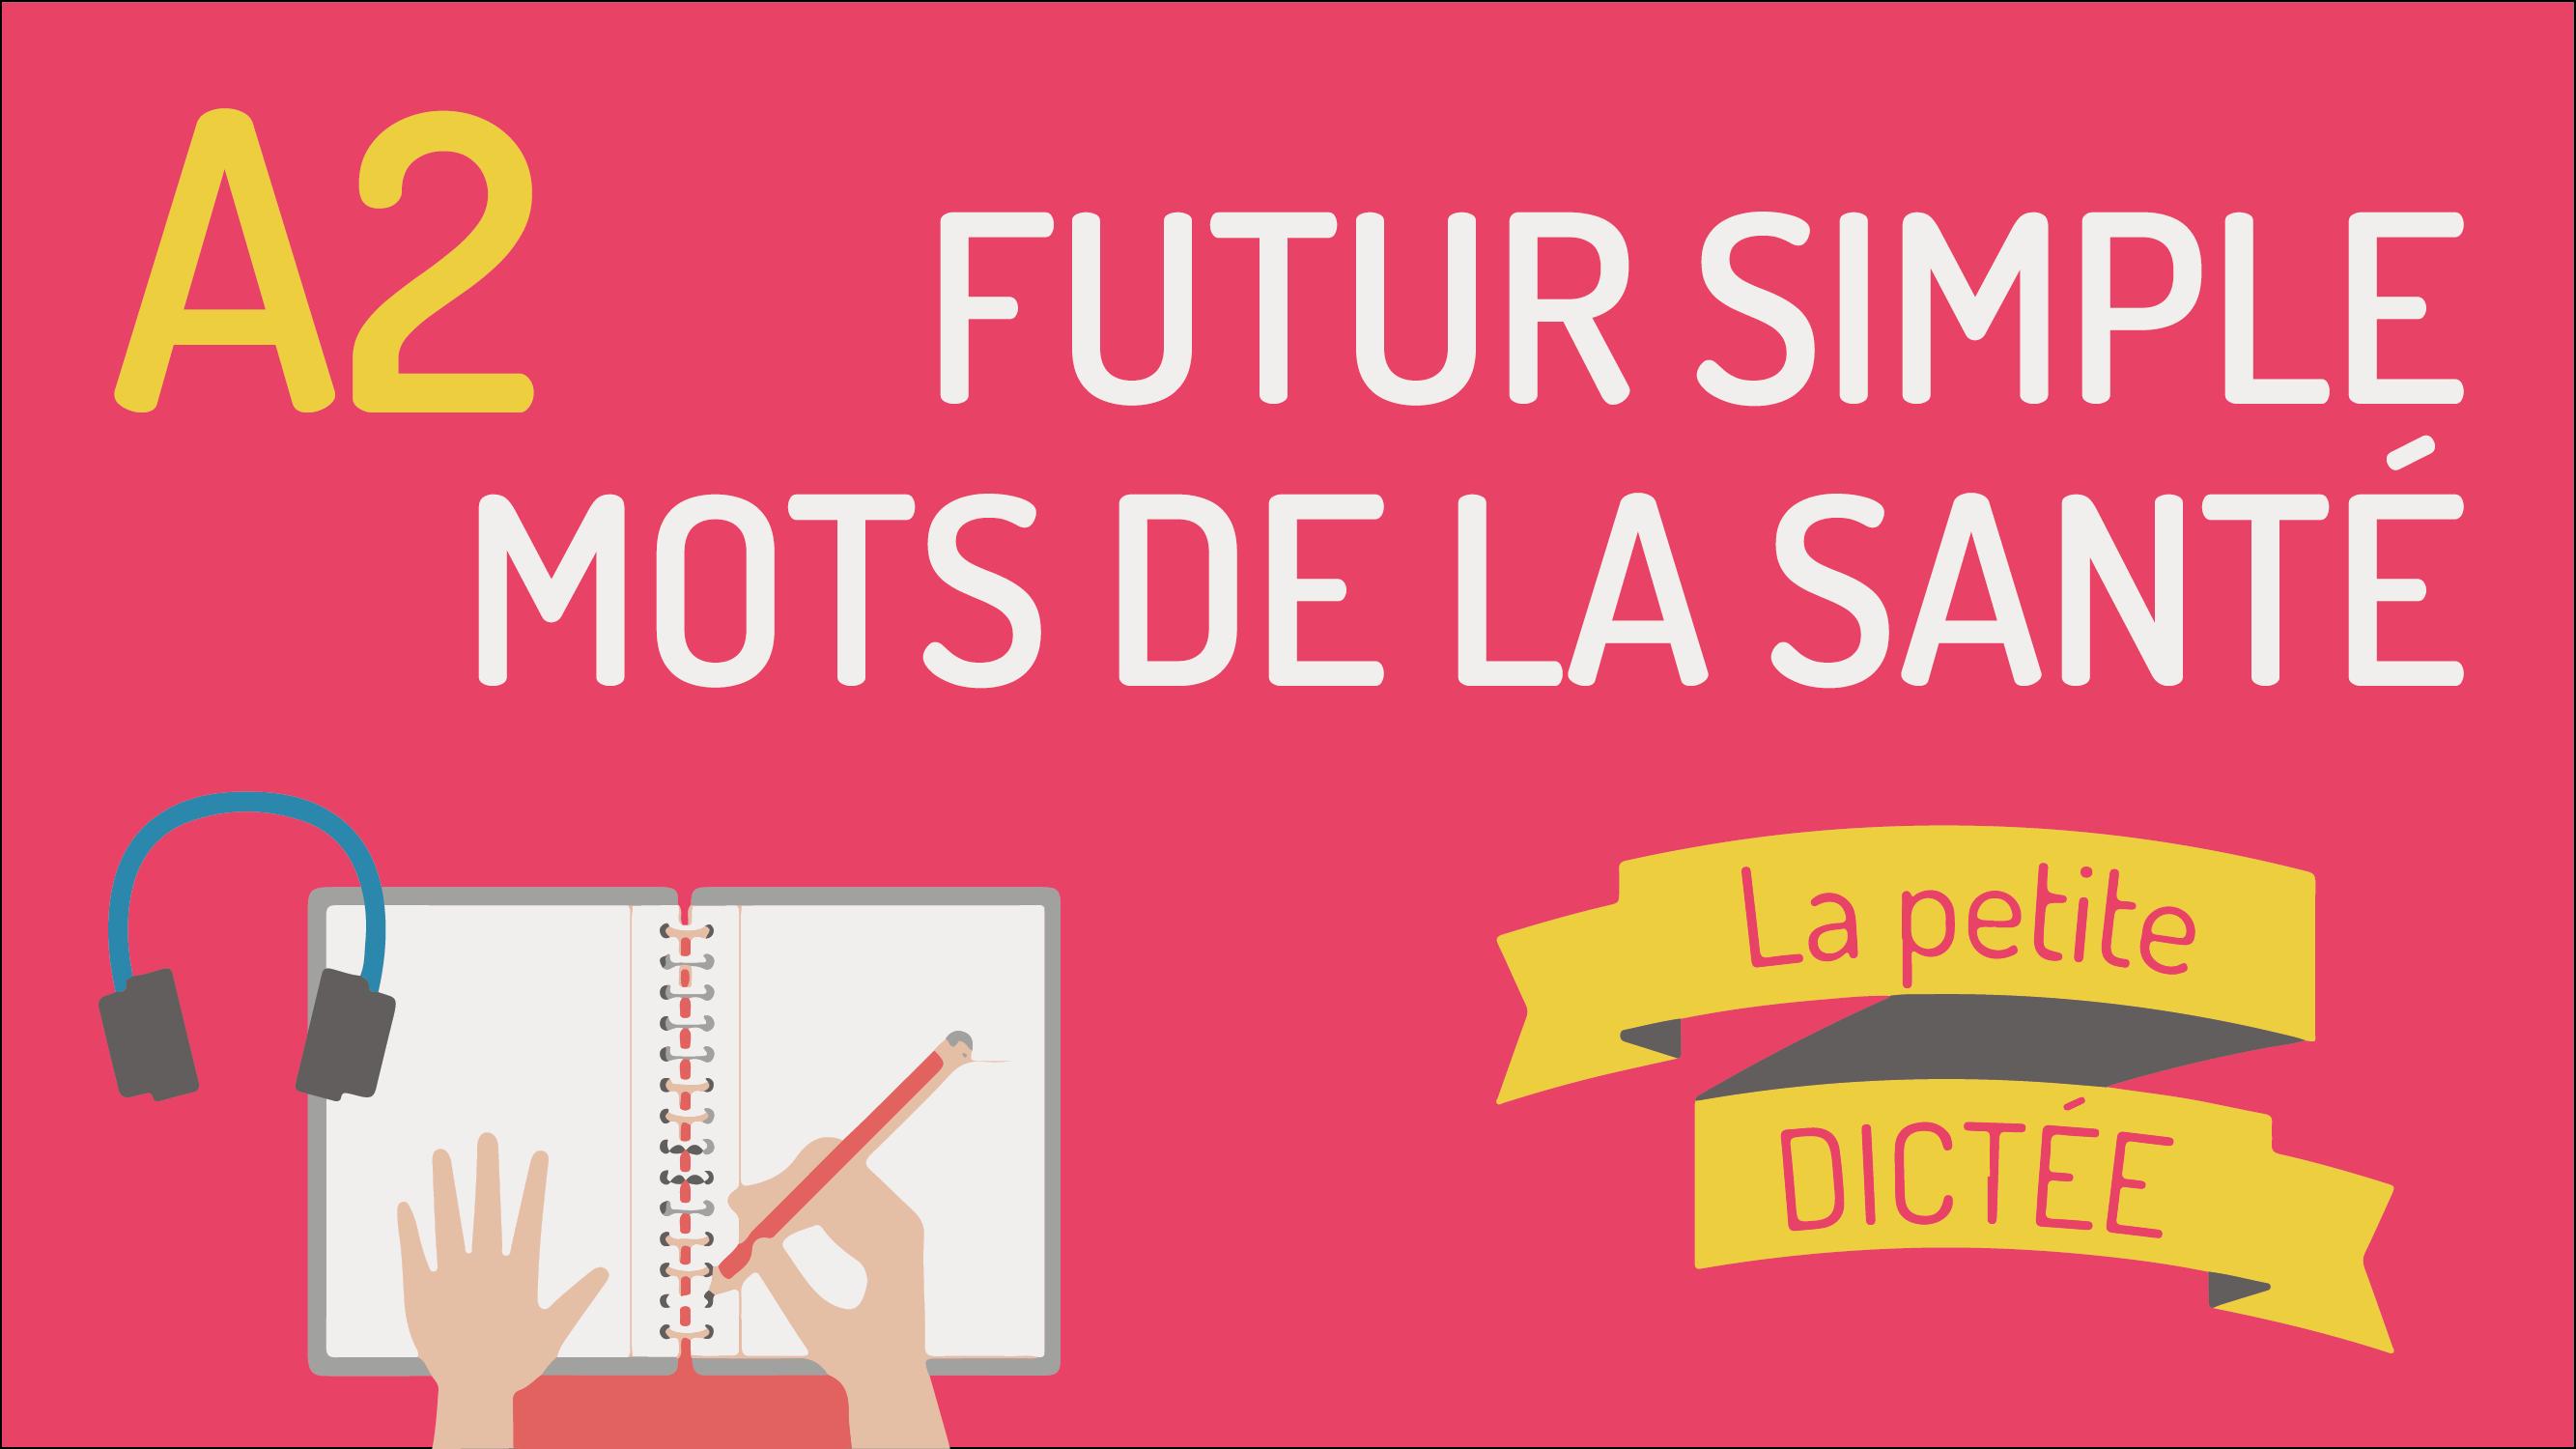 La petite dictée #8 : le futur et la santé A2